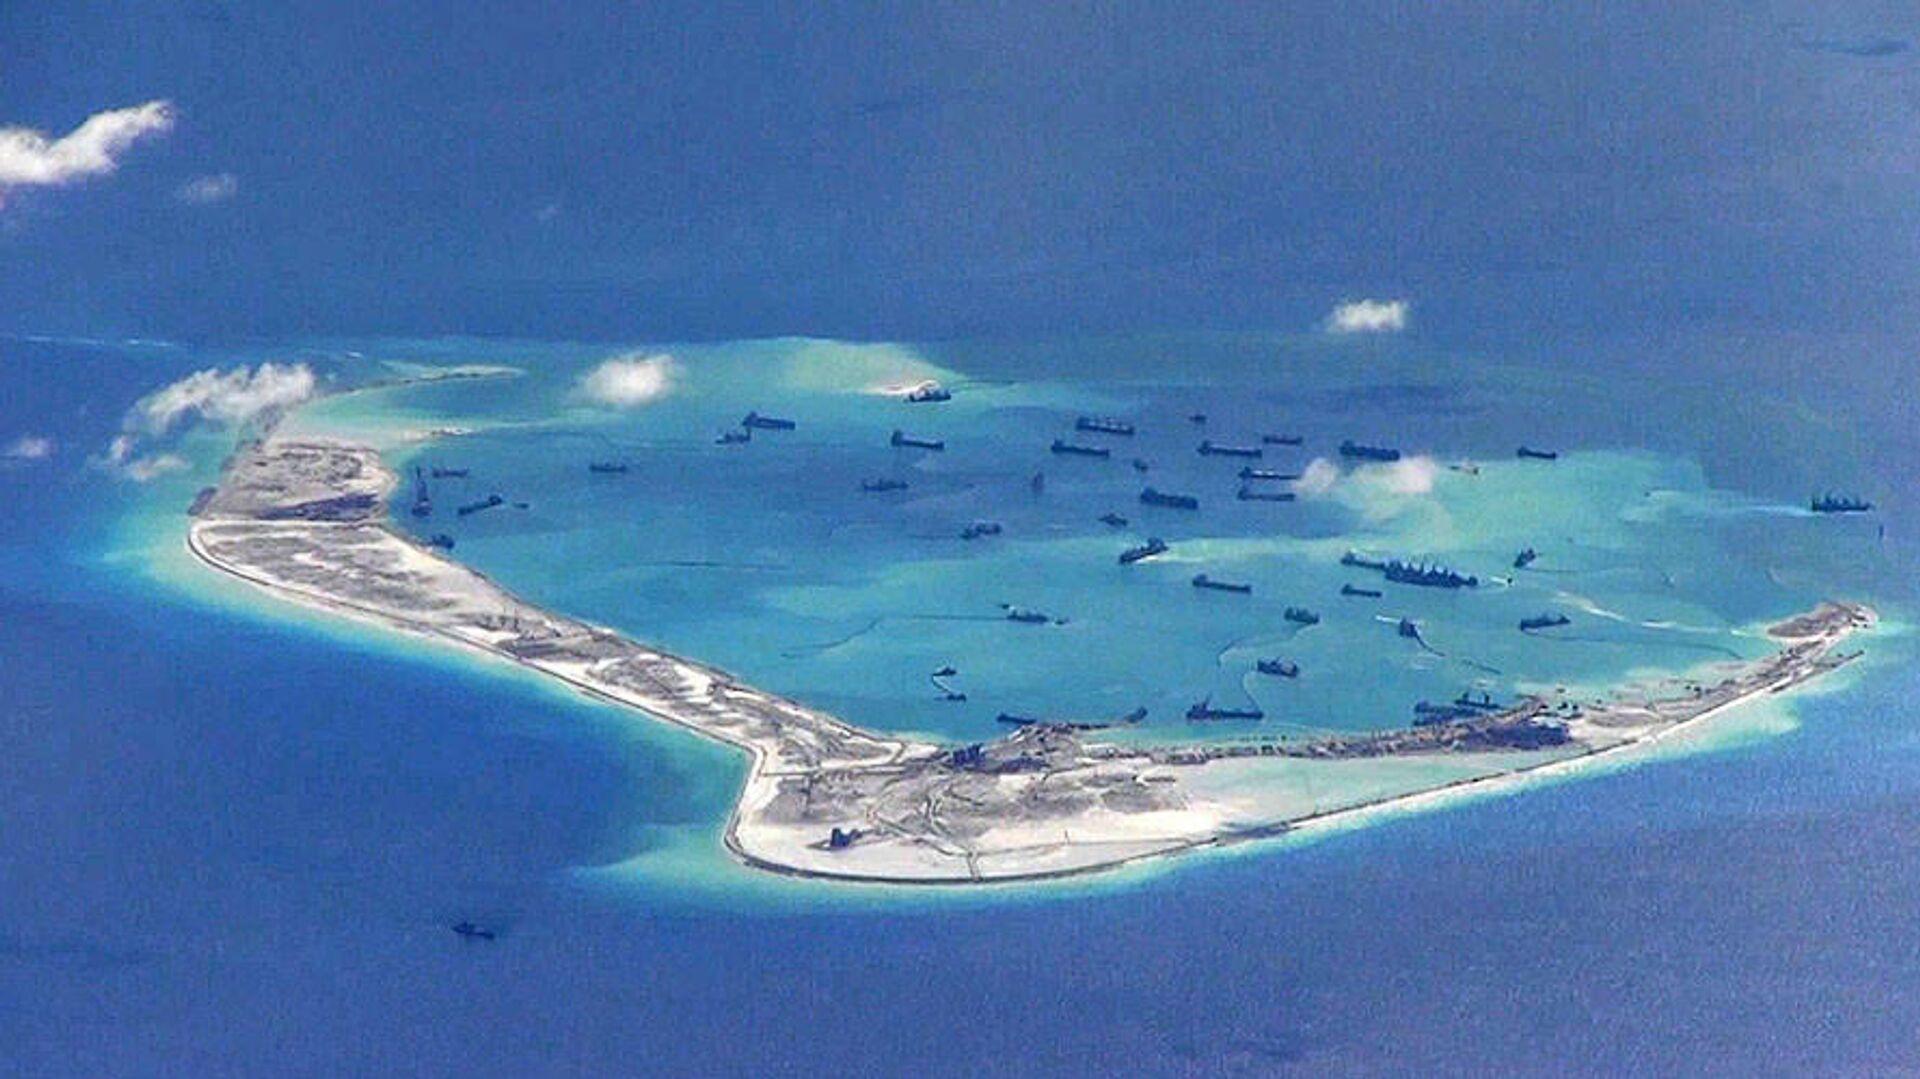 Строительство искусственного острова в Южно-Китайском море - РИА Новости, 1920, 09.09.2020